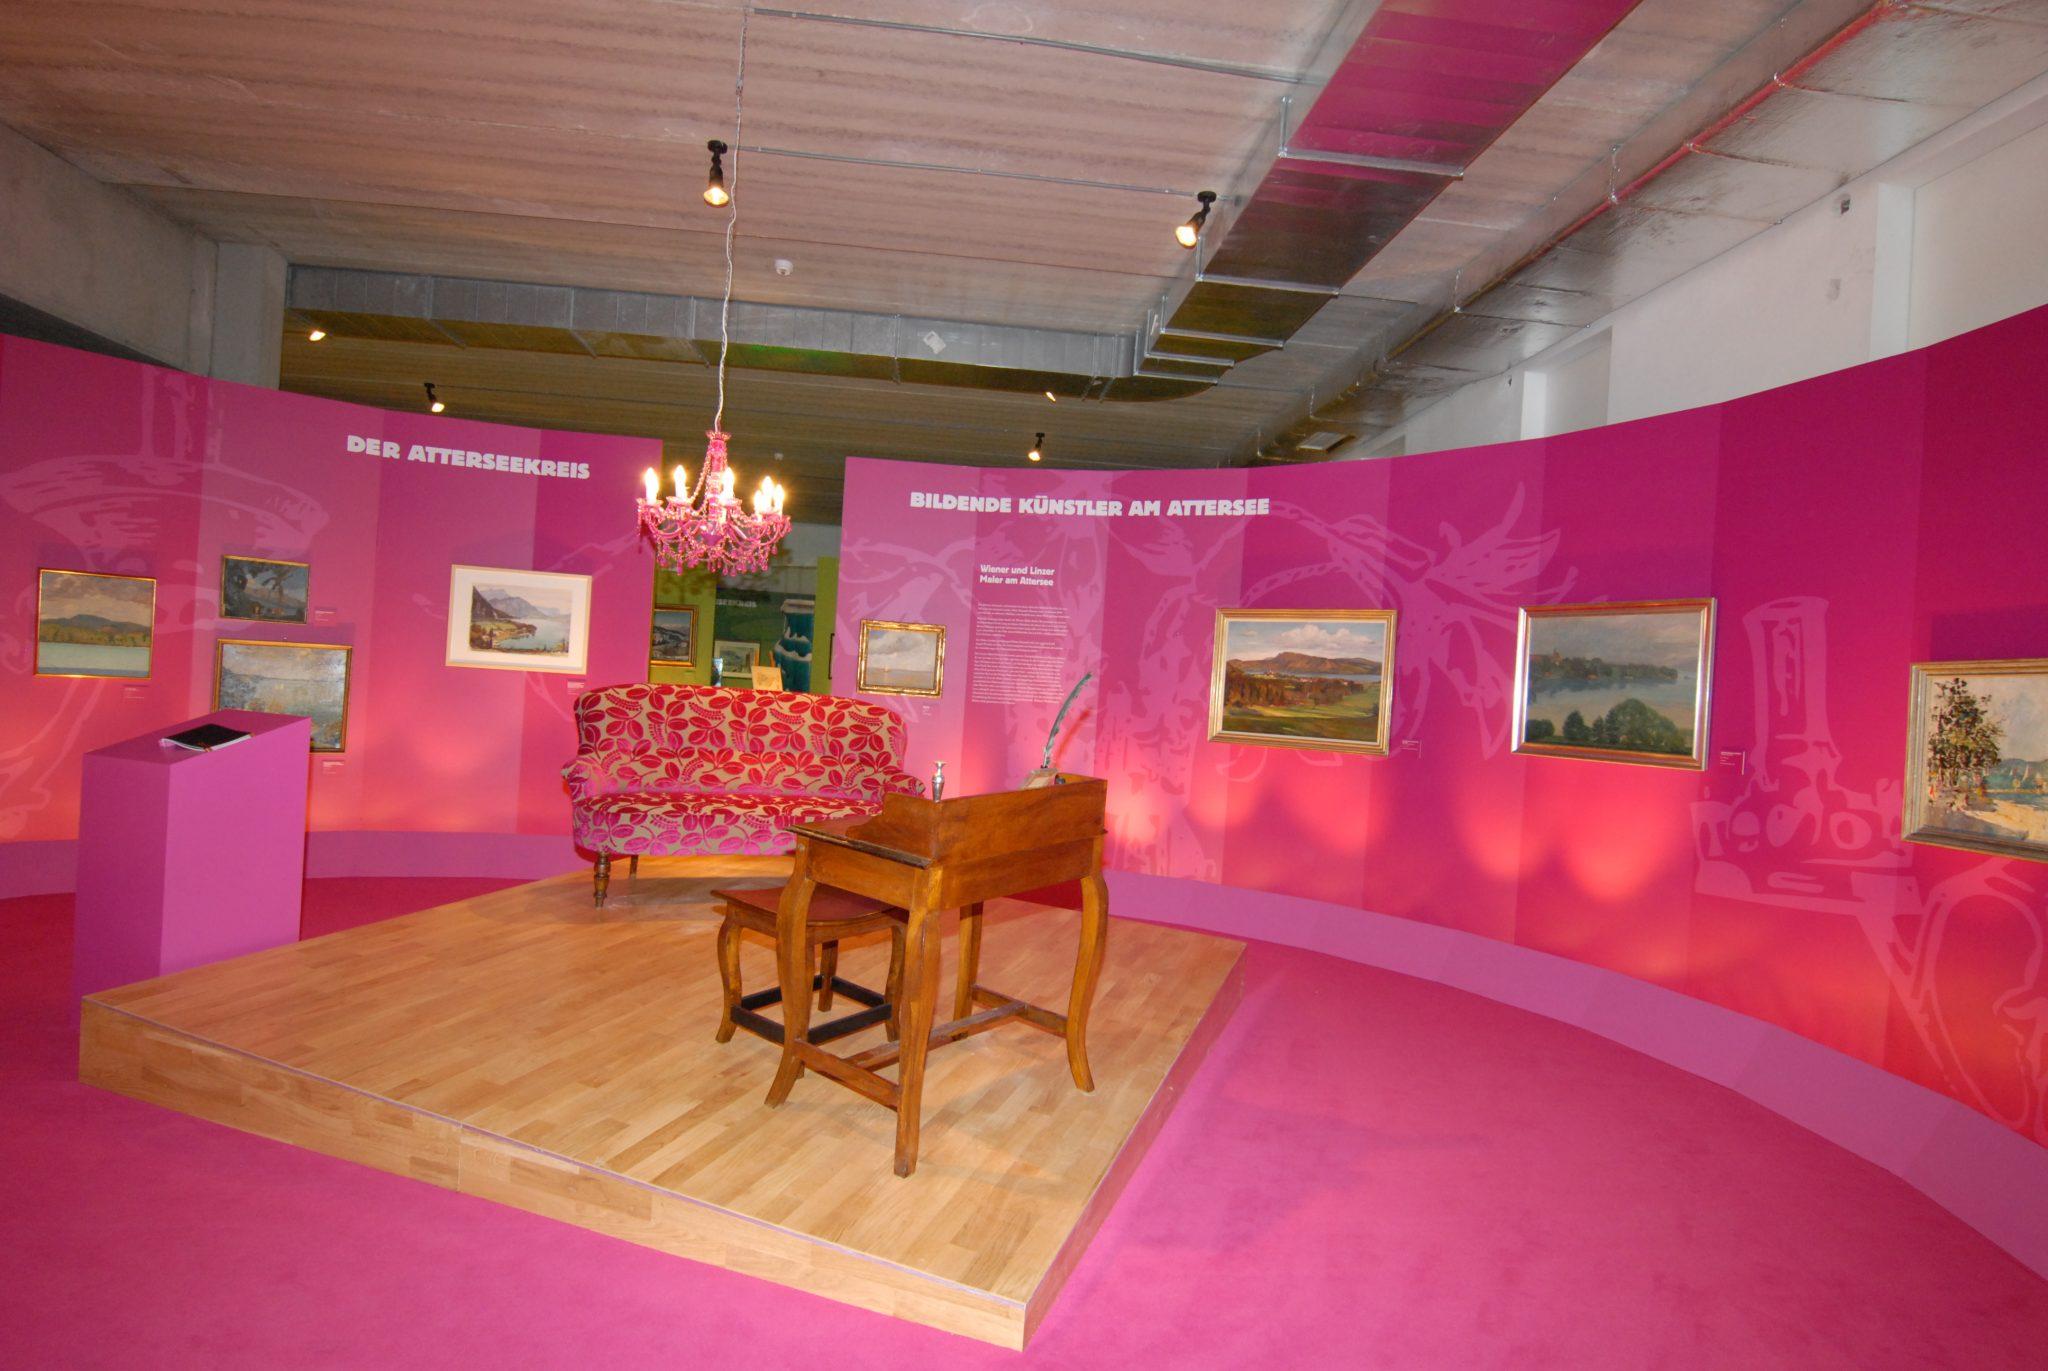 Atterseekreis Inszenierung mit Sofa, Luster und Schreibtisch auf schrägem Podest